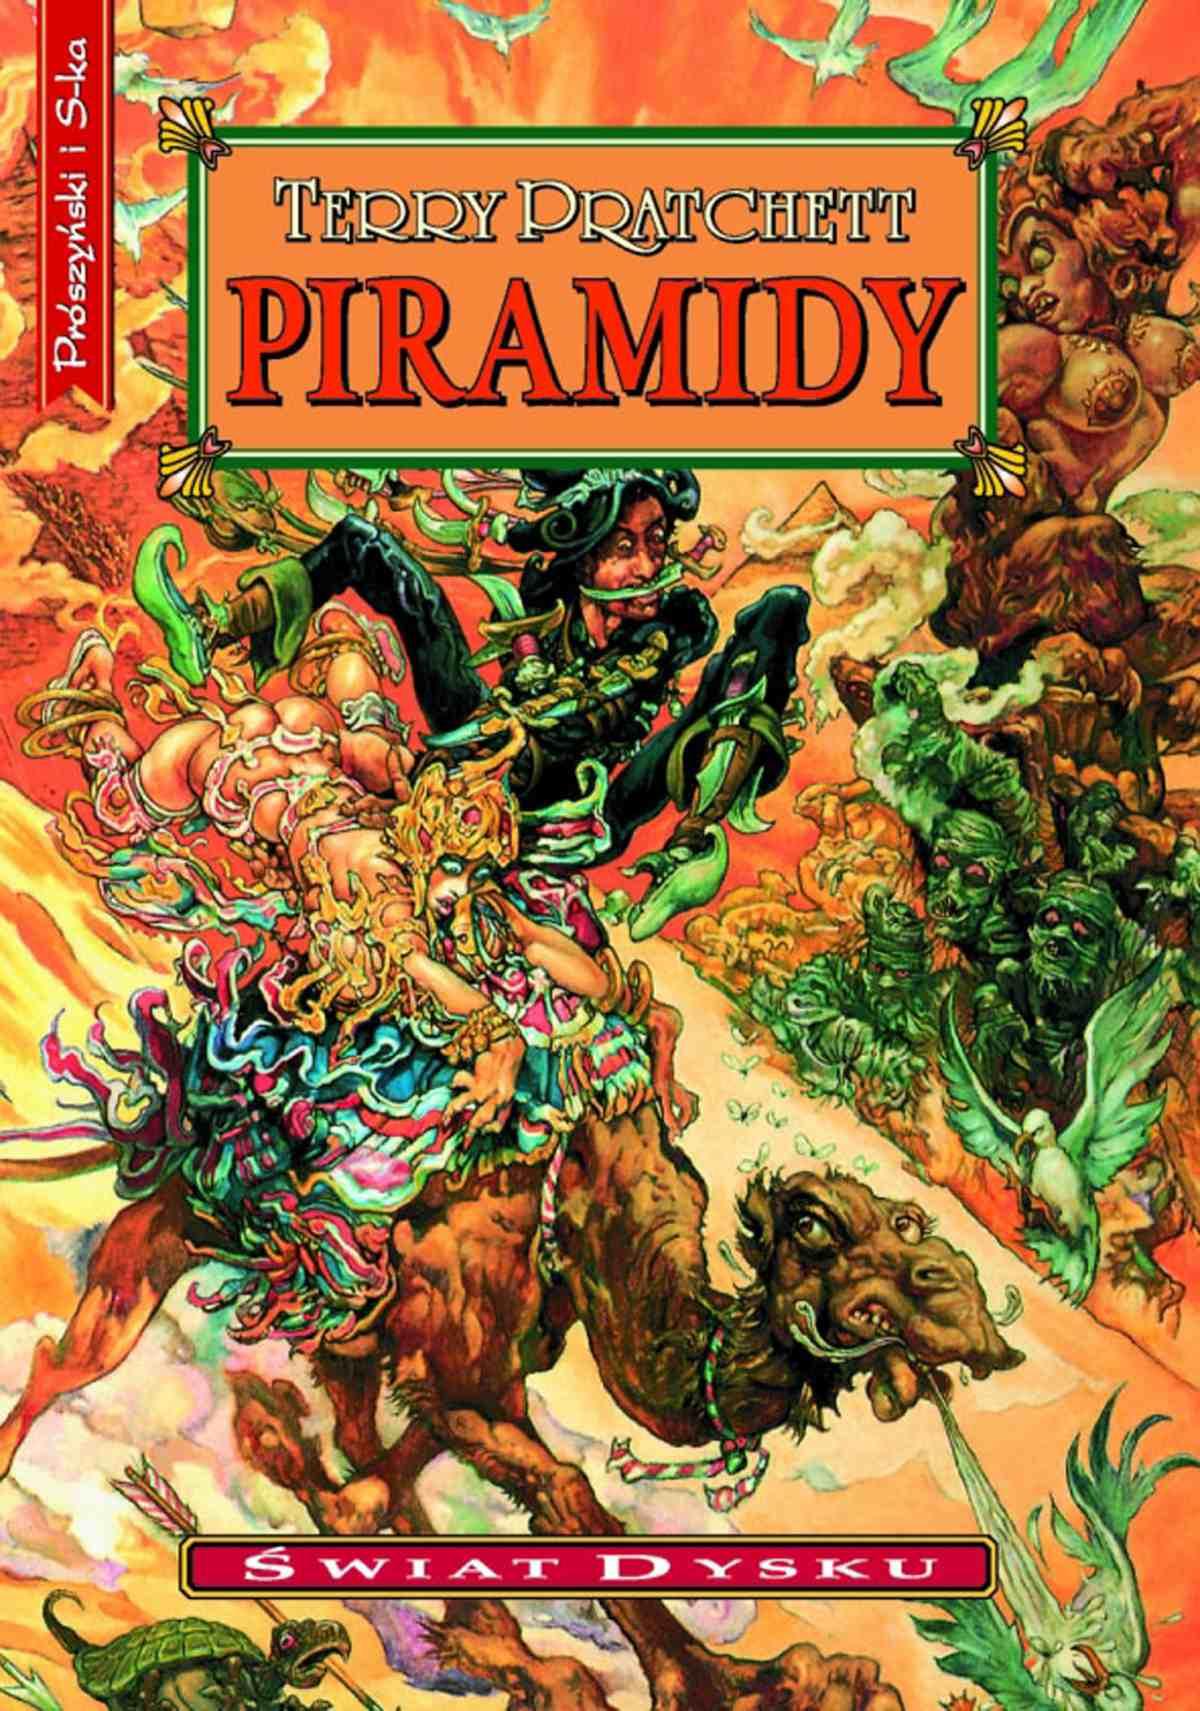 Piramidy - Ebook (Książka EPUB) do pobrania w formacie EPUB